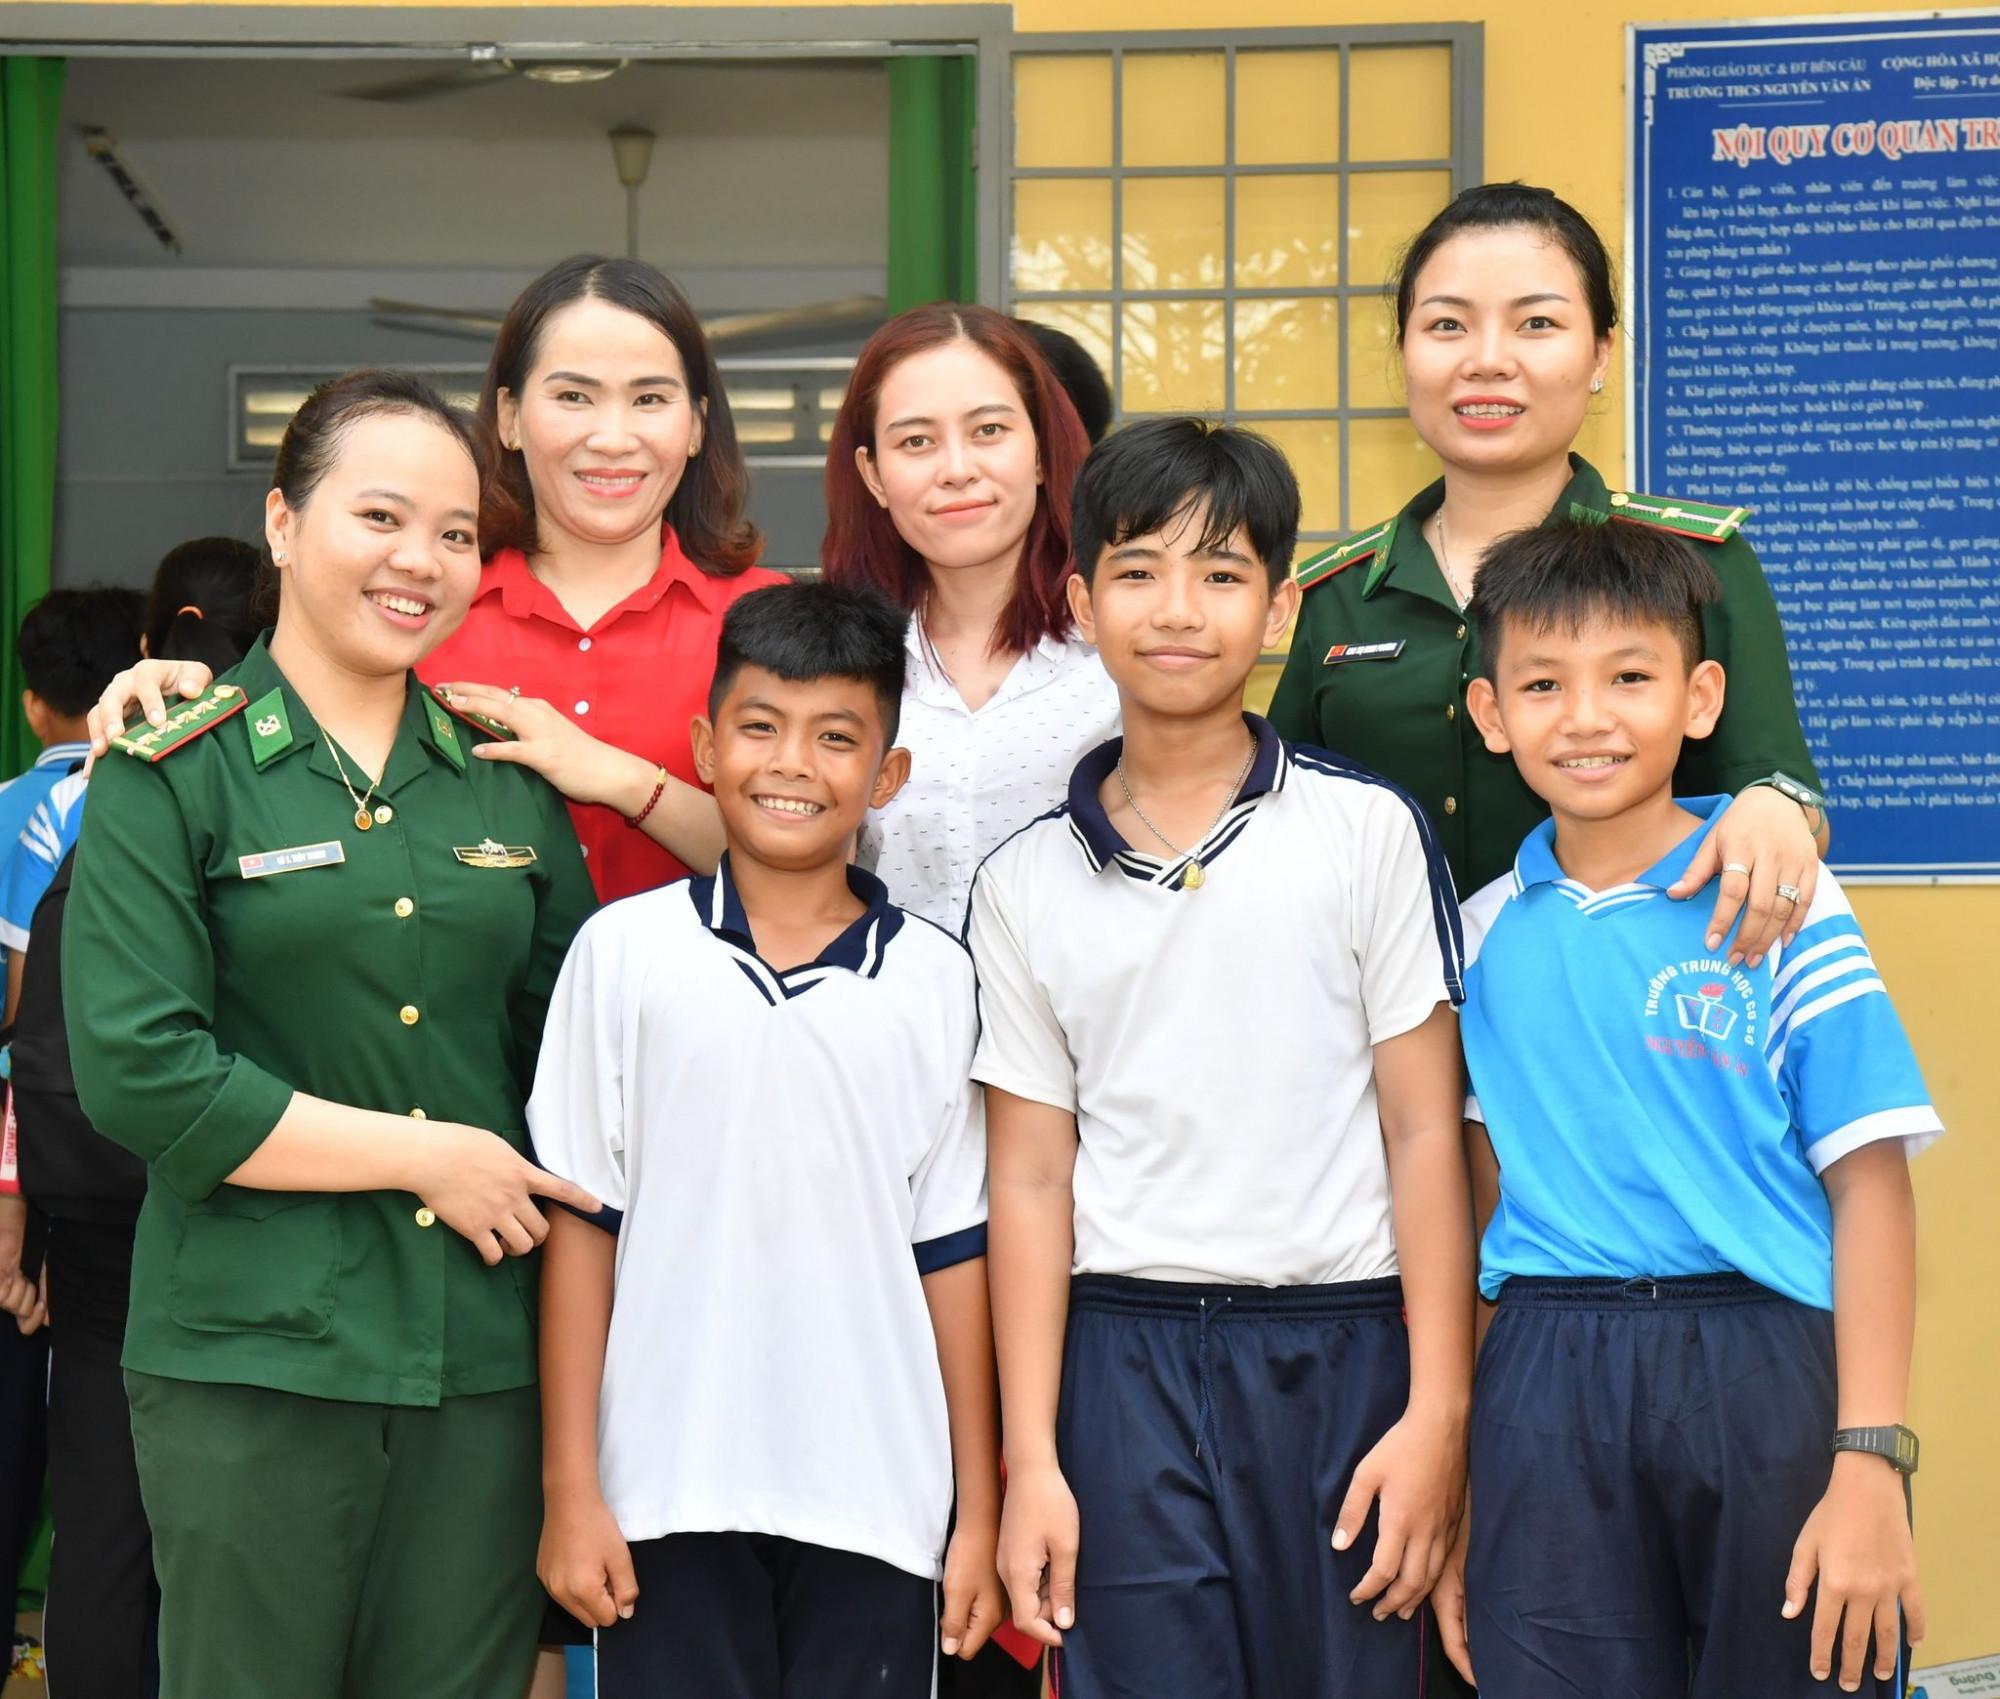 Thiếu tá Thùy Trang luôn quan tâm đến trẻ em có hoàn cảnh khó khăn trên khu vực biên giới... Ảnh chụp luu niệm với các nhà tài trợ và các em thiếu nhi trong lần tổ chức trung thu gần đây